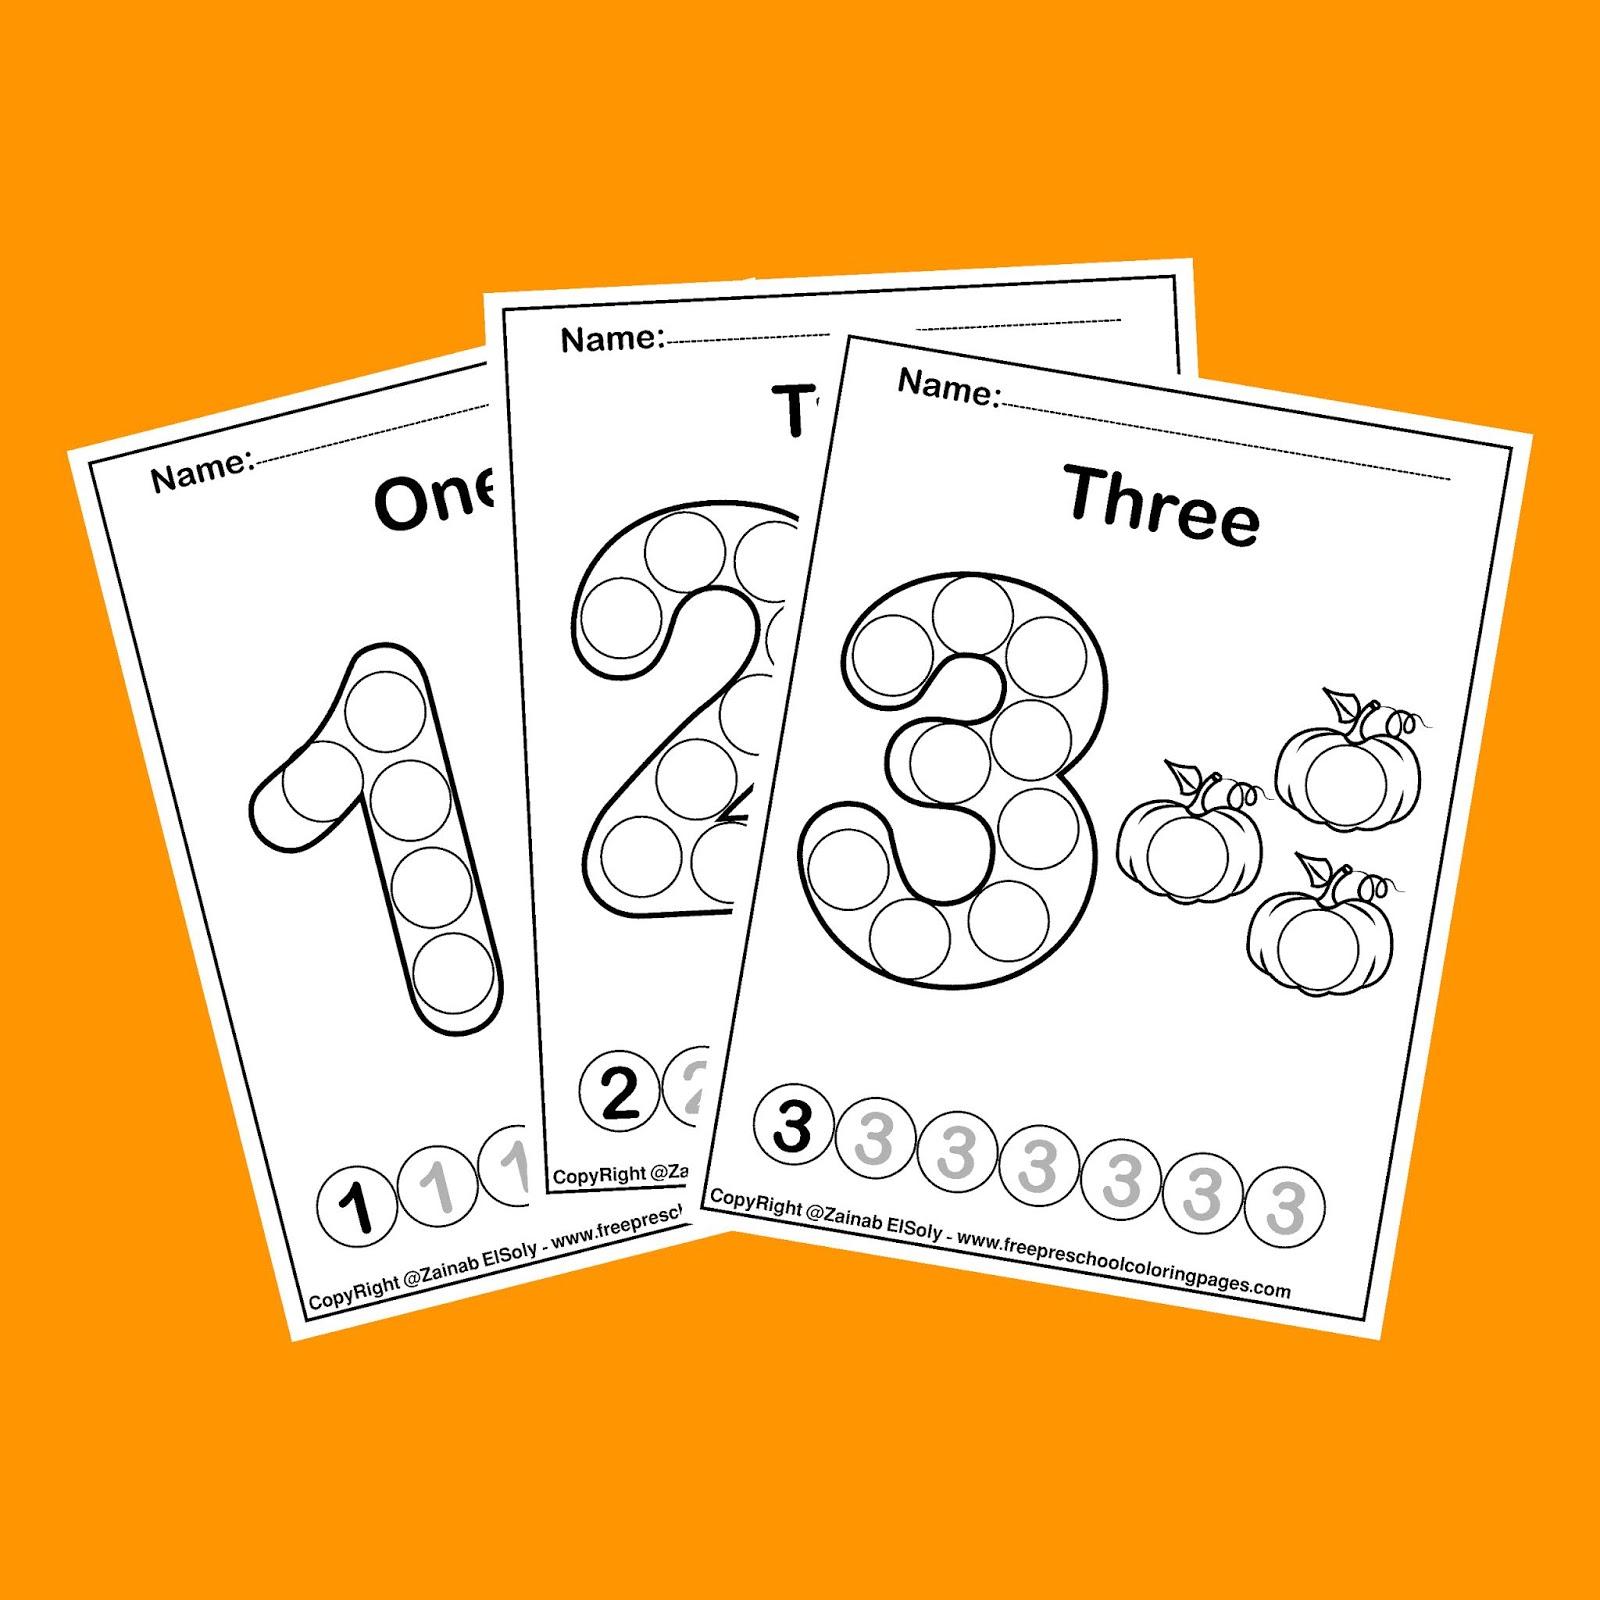 Pumpkins Dot Activity Free Preschool Coloring Sheets fall Autumn